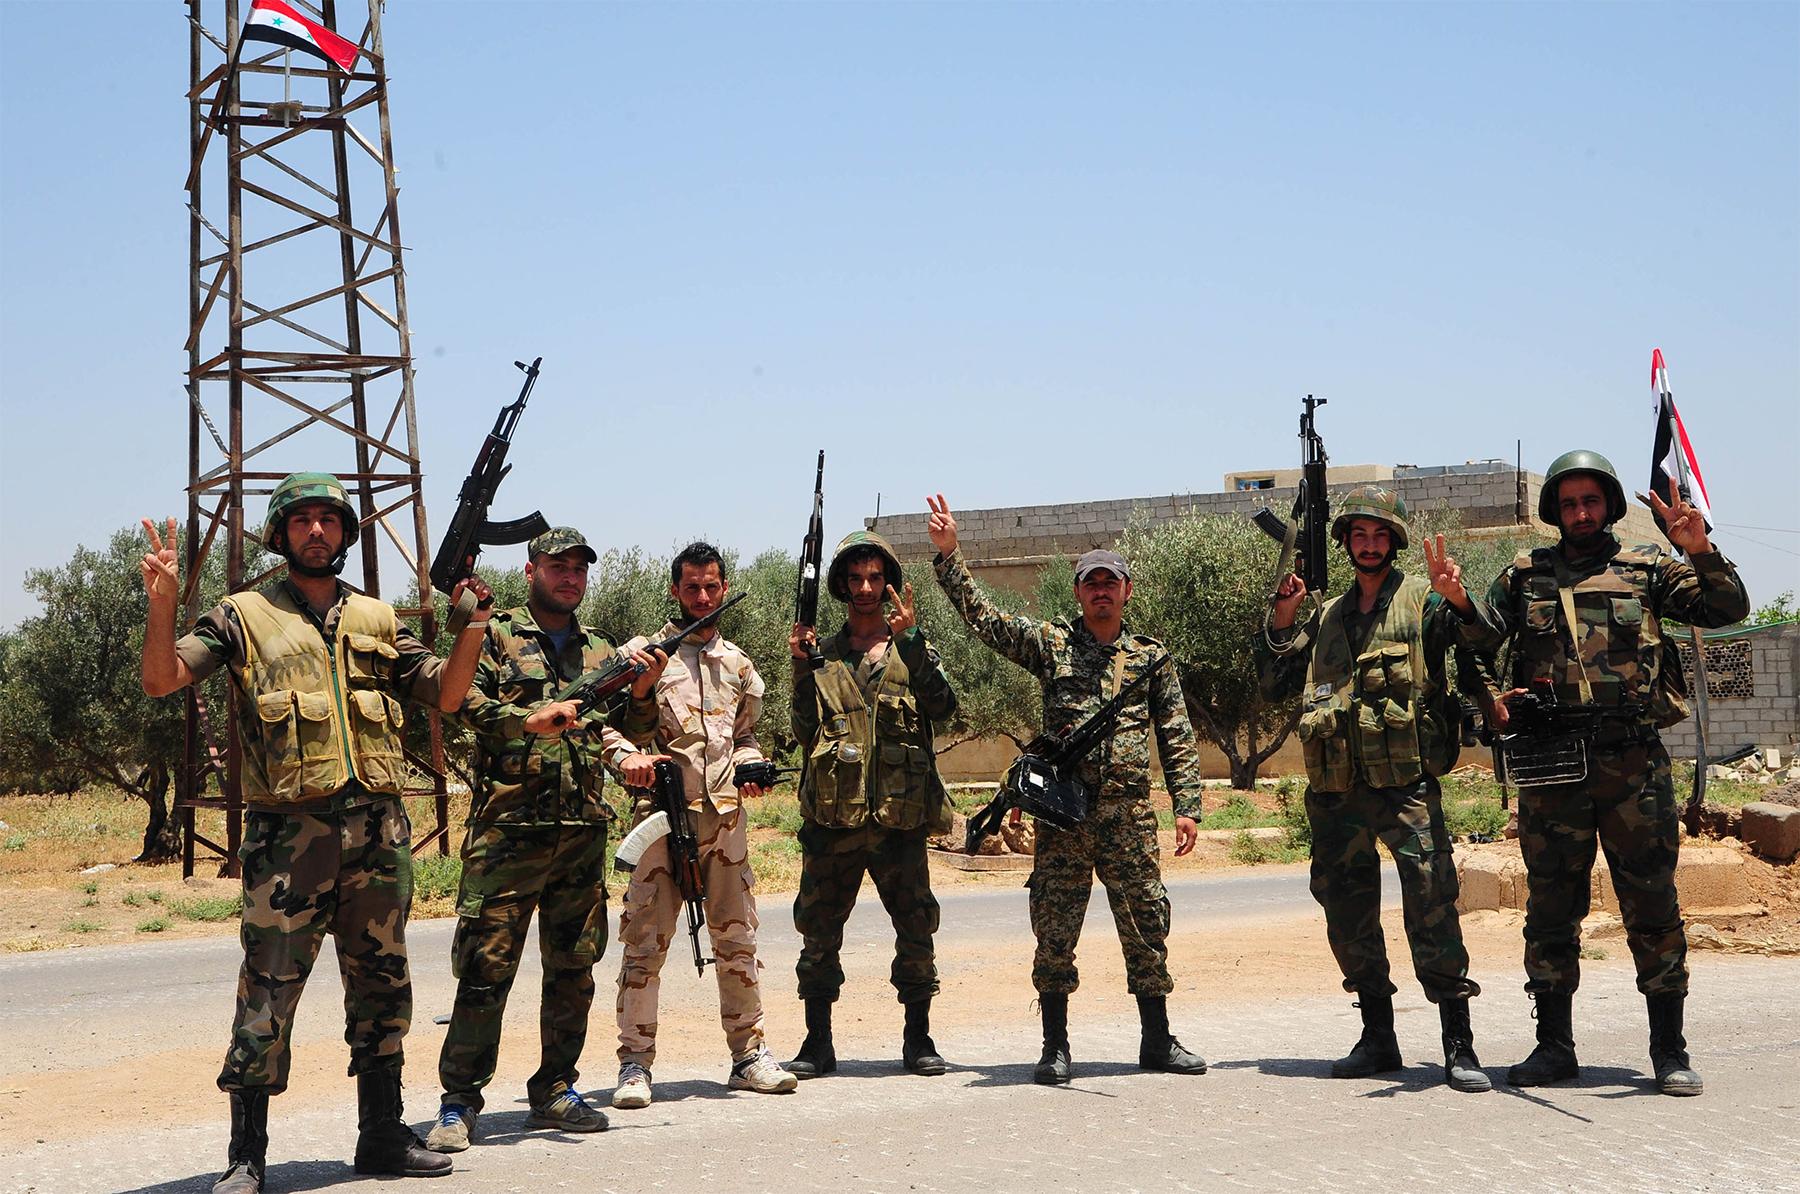 Развитие сирийских вооруженных сил: основные тенденции и проблемы